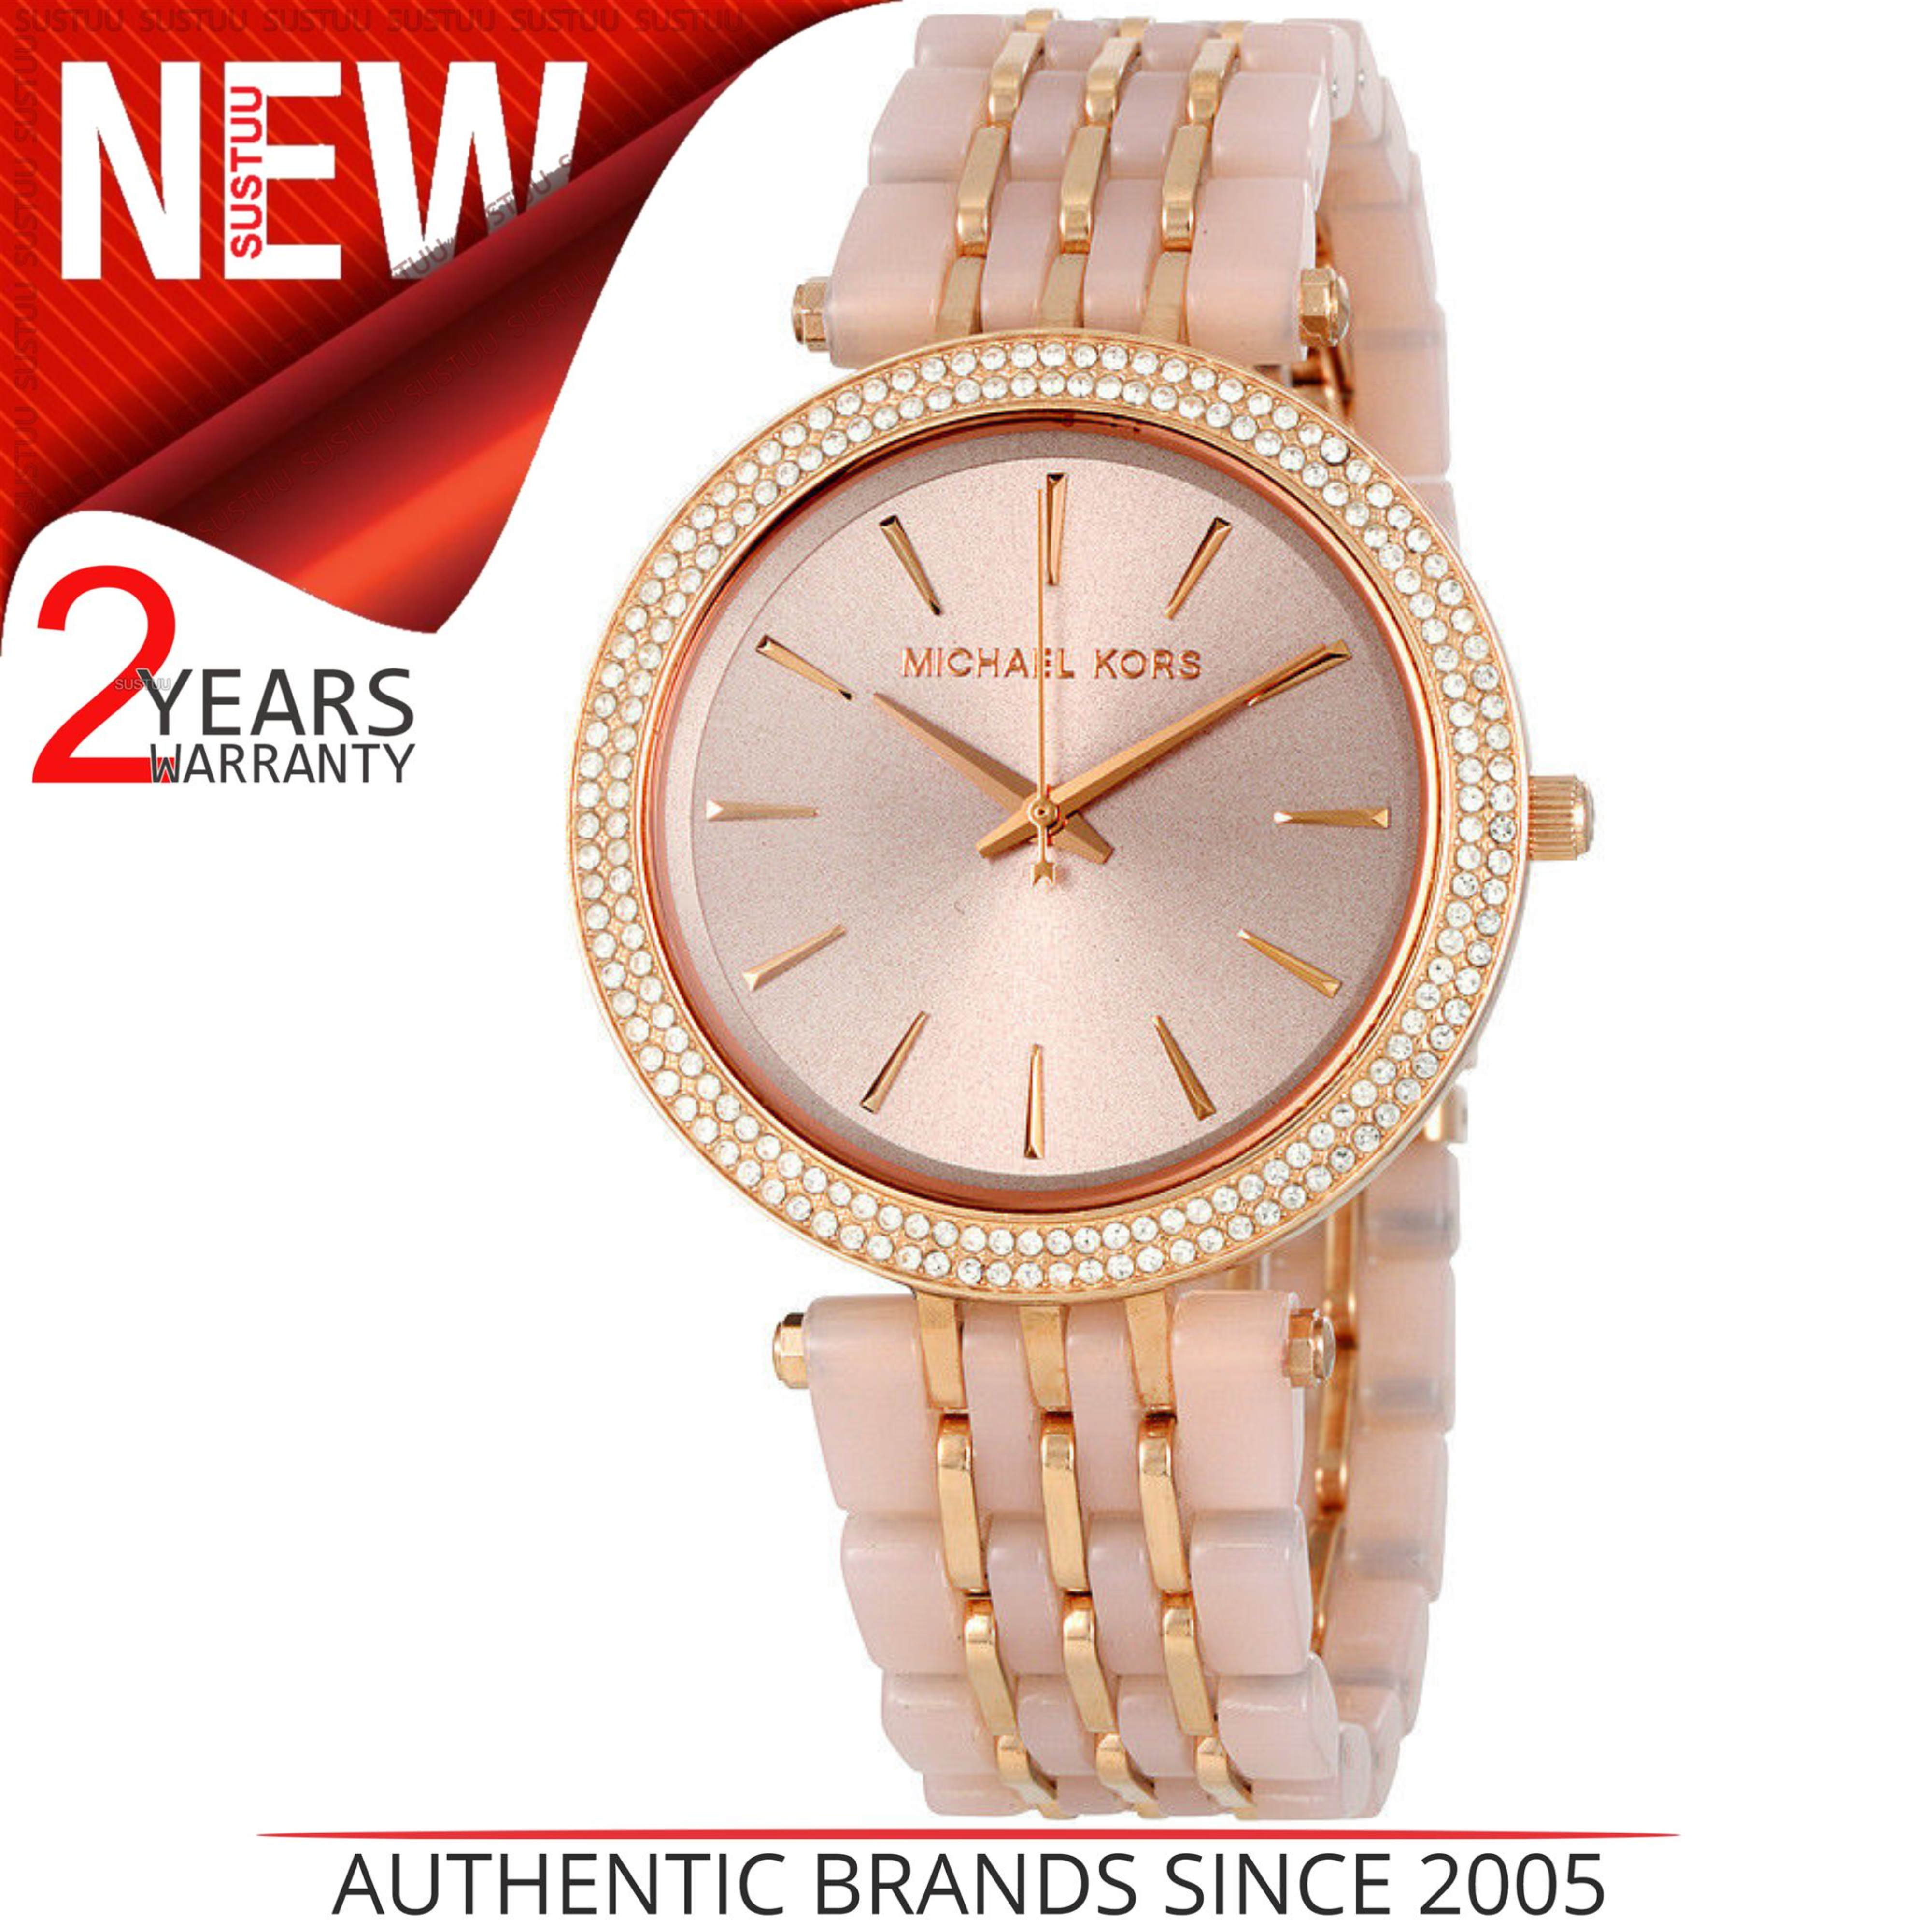 7711ec8c3c09 CENTINELA MK4327 de reloj de pulsera Michael Kors Darci Blush acetato oro  rosa esfera de las mujeres